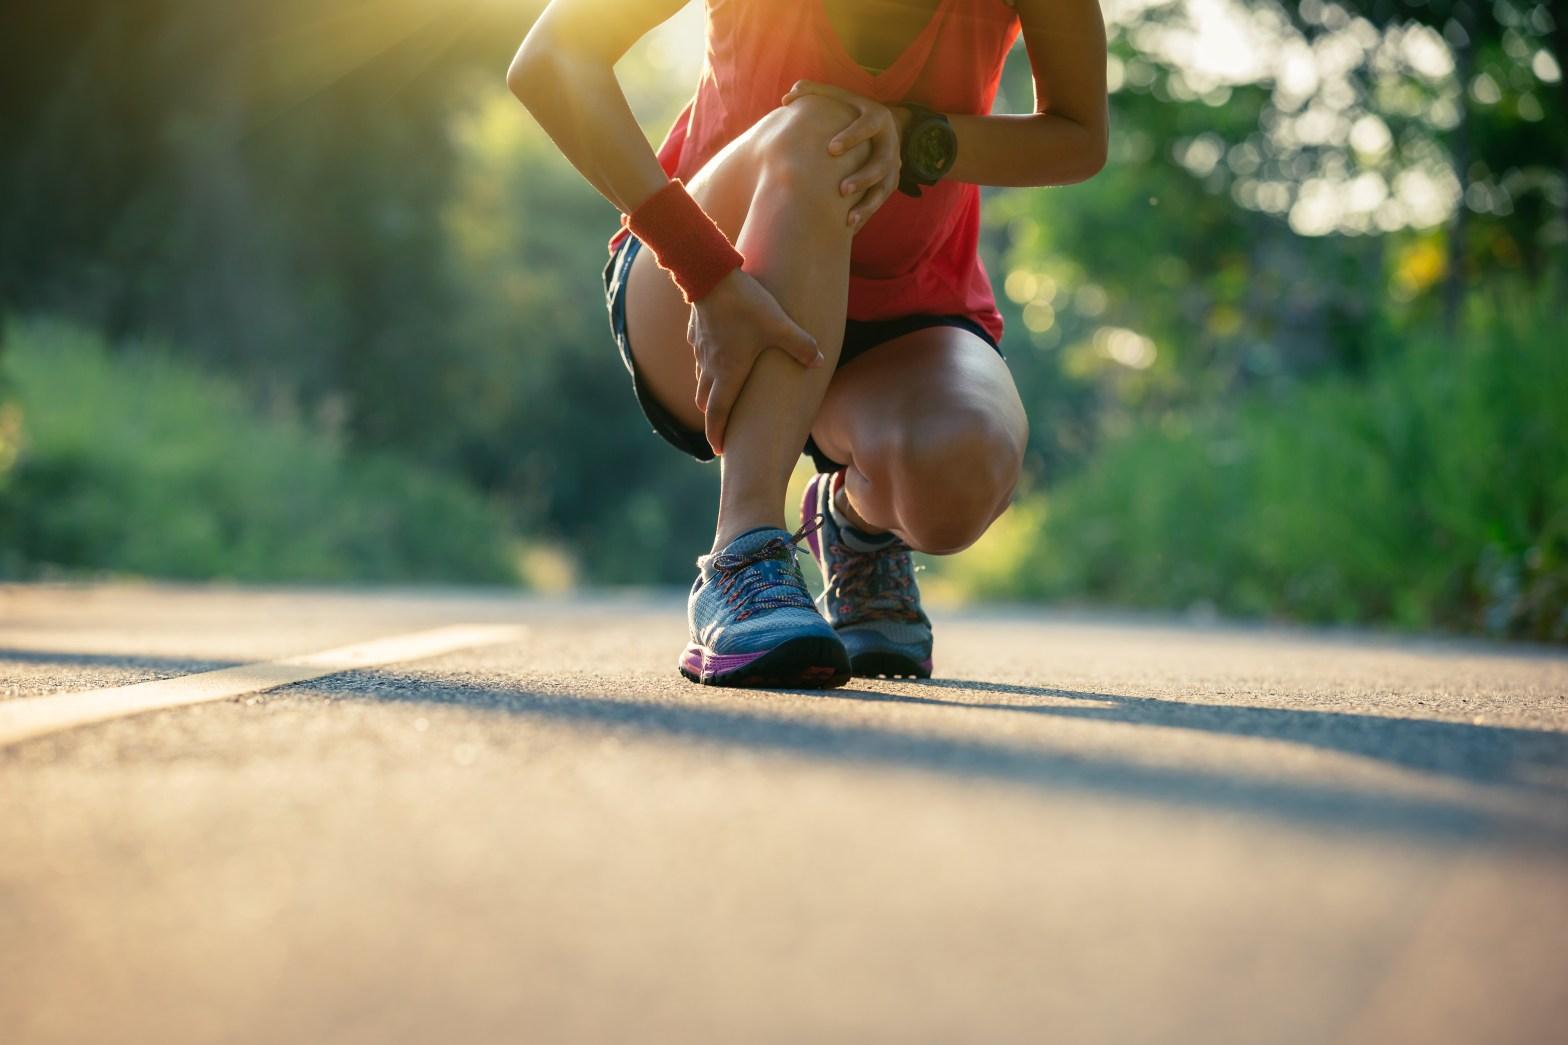 marathon injuries